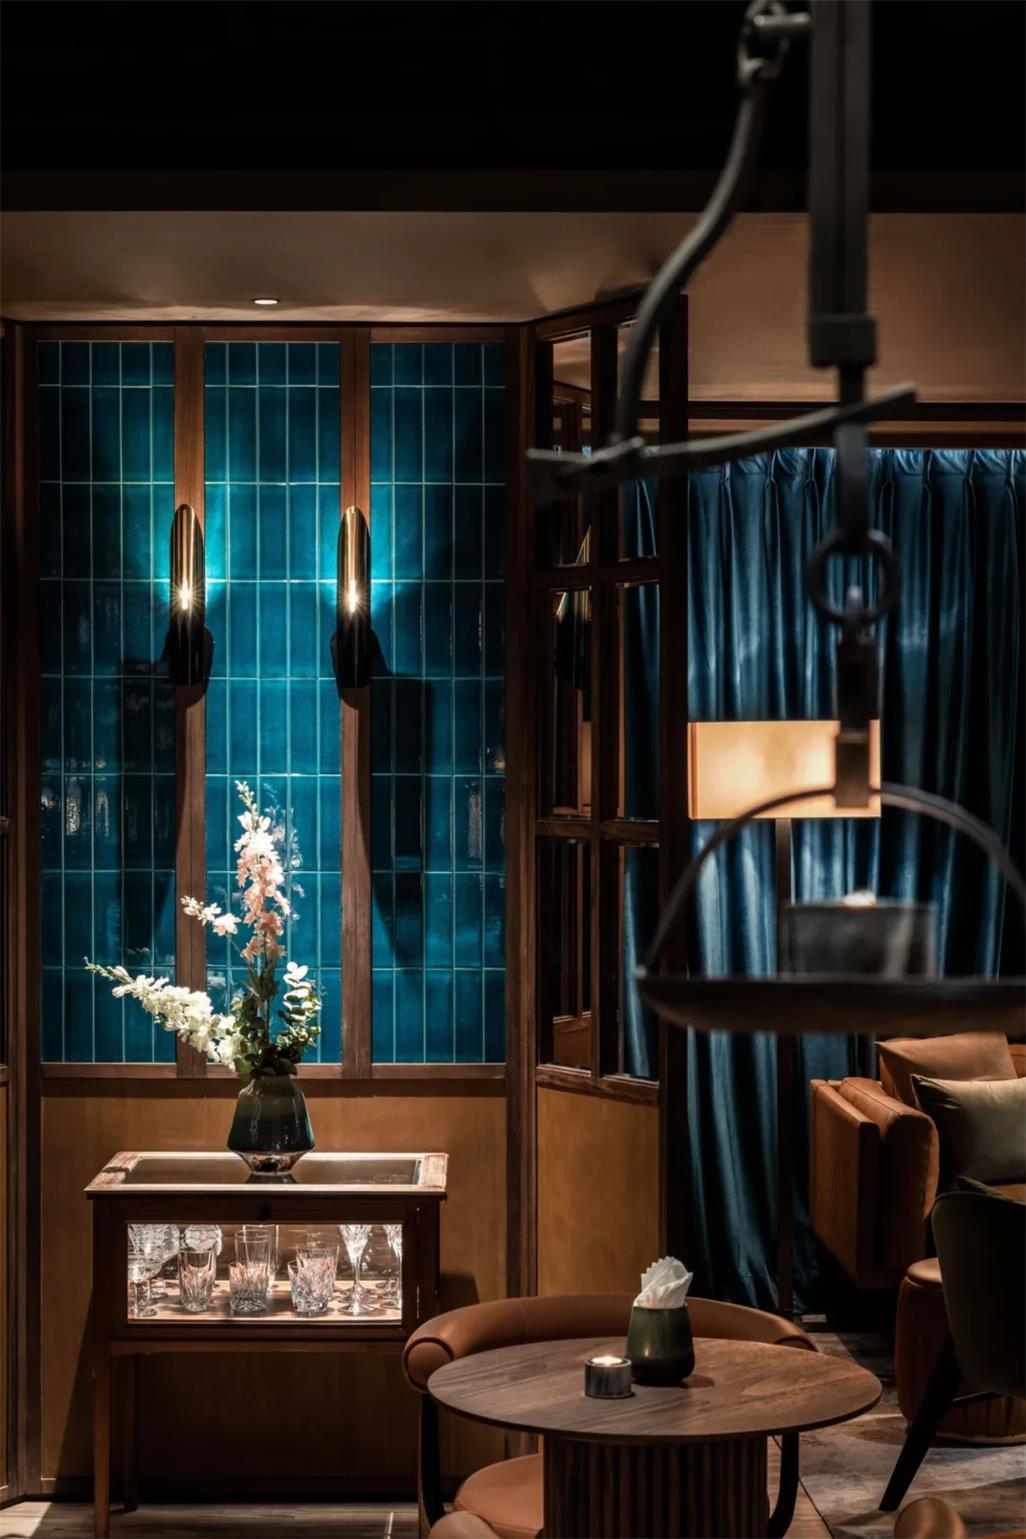 威士忌酒吧壁灯及家具设计